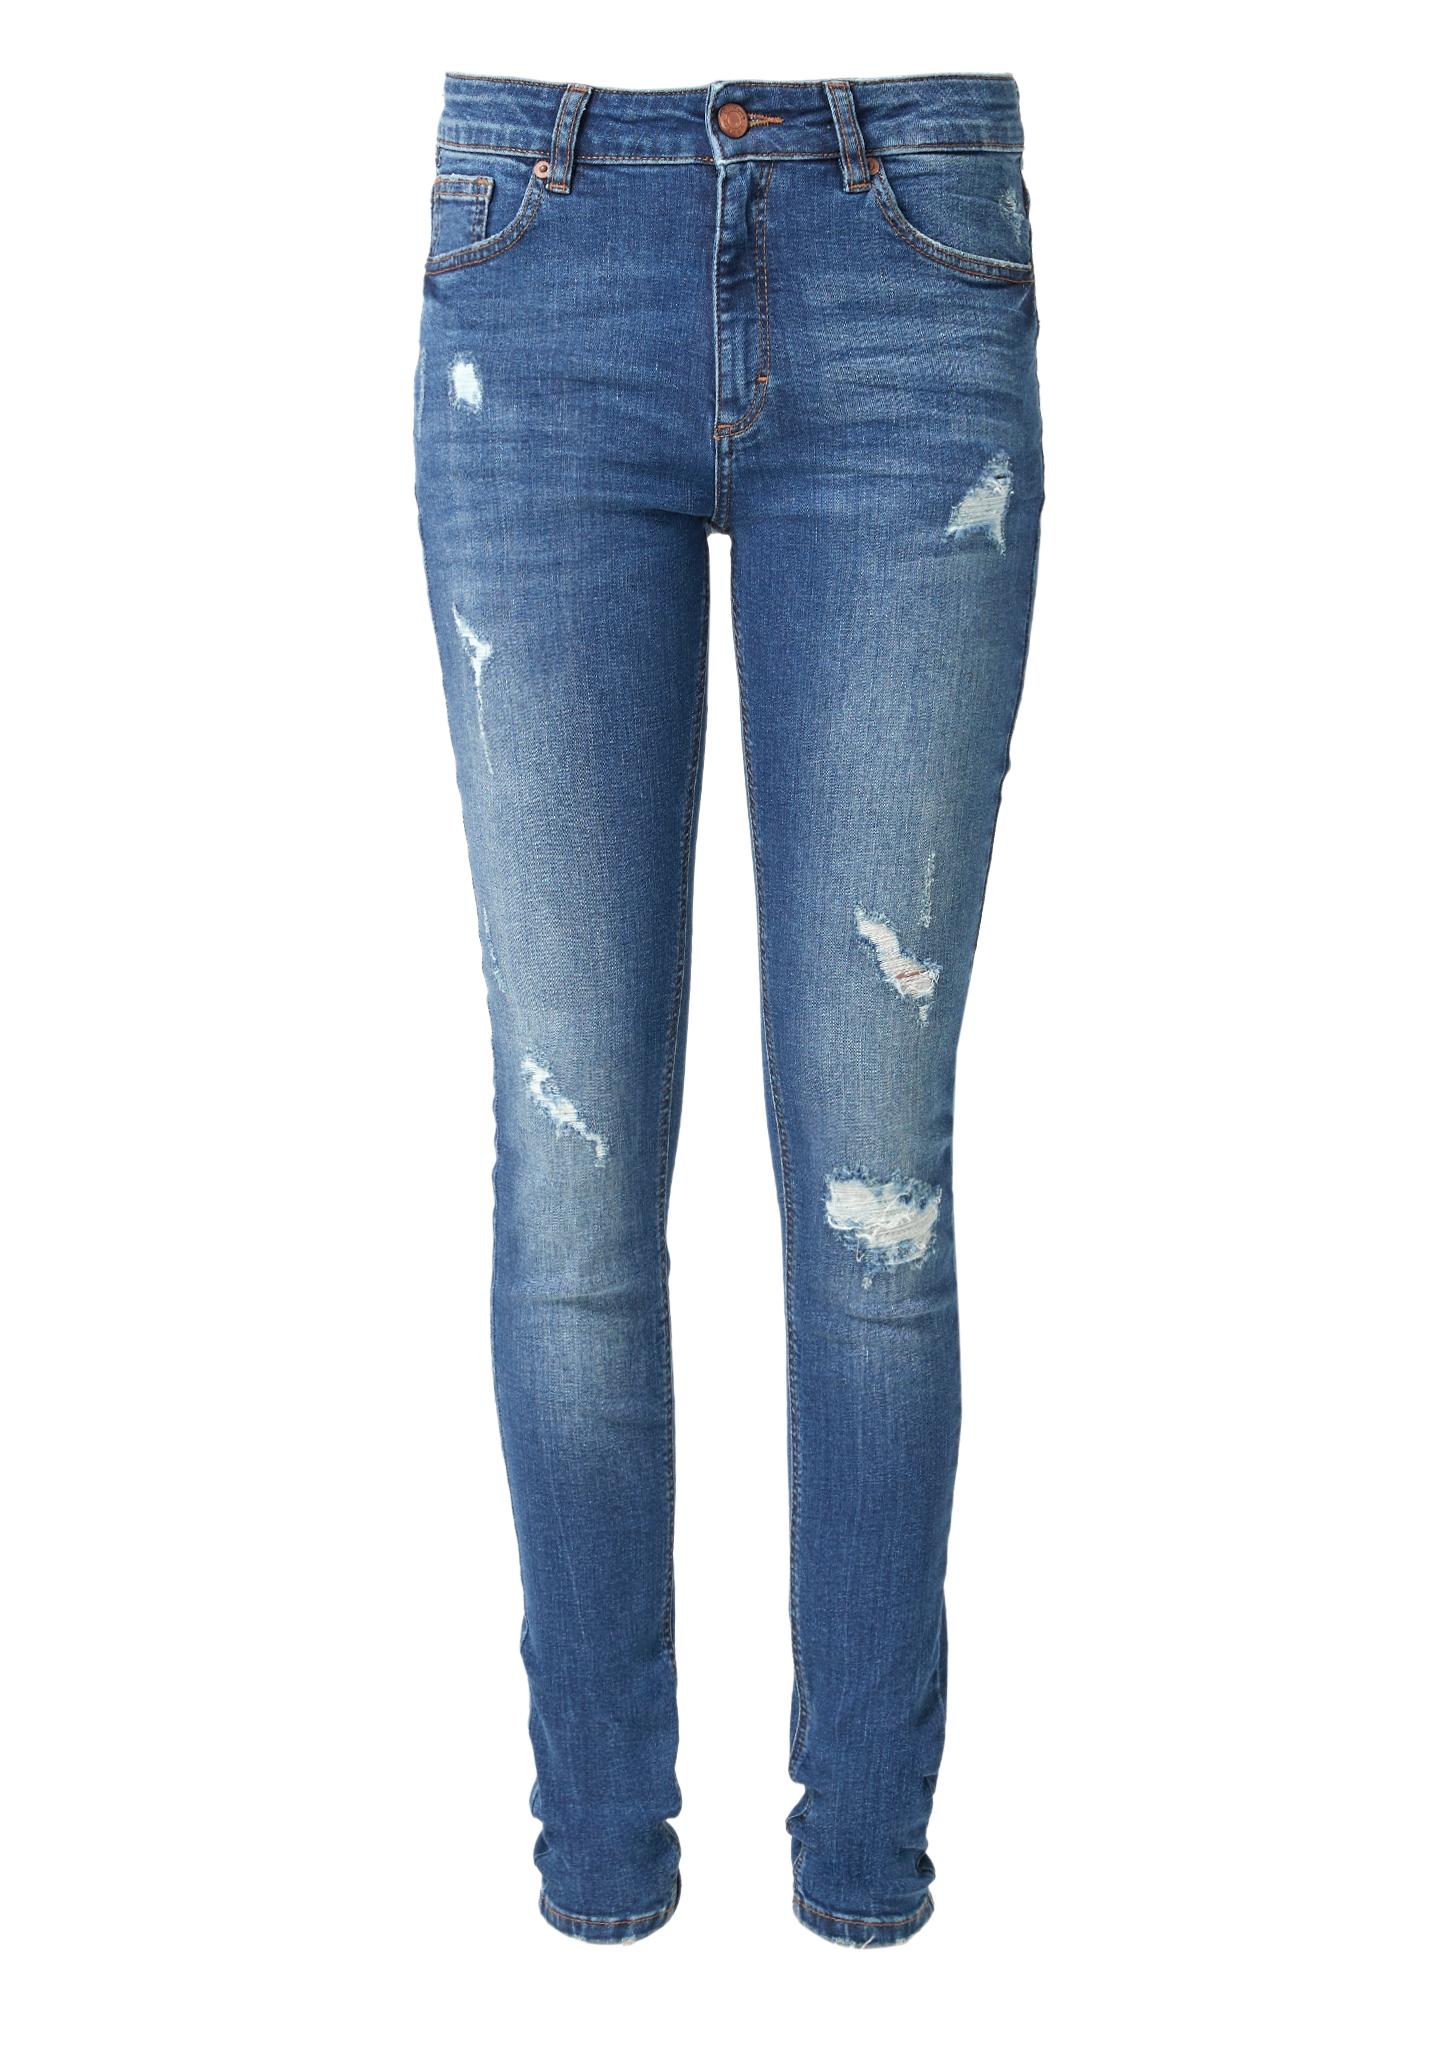 High Waist-Jeans | Bekleidung > Jeans > High Waist Jeans | Blau | 86% baumwolle -  12% polyester -  2% elasthan| enthält nichttextile teile tierischen ursprungs | Q/S designed by